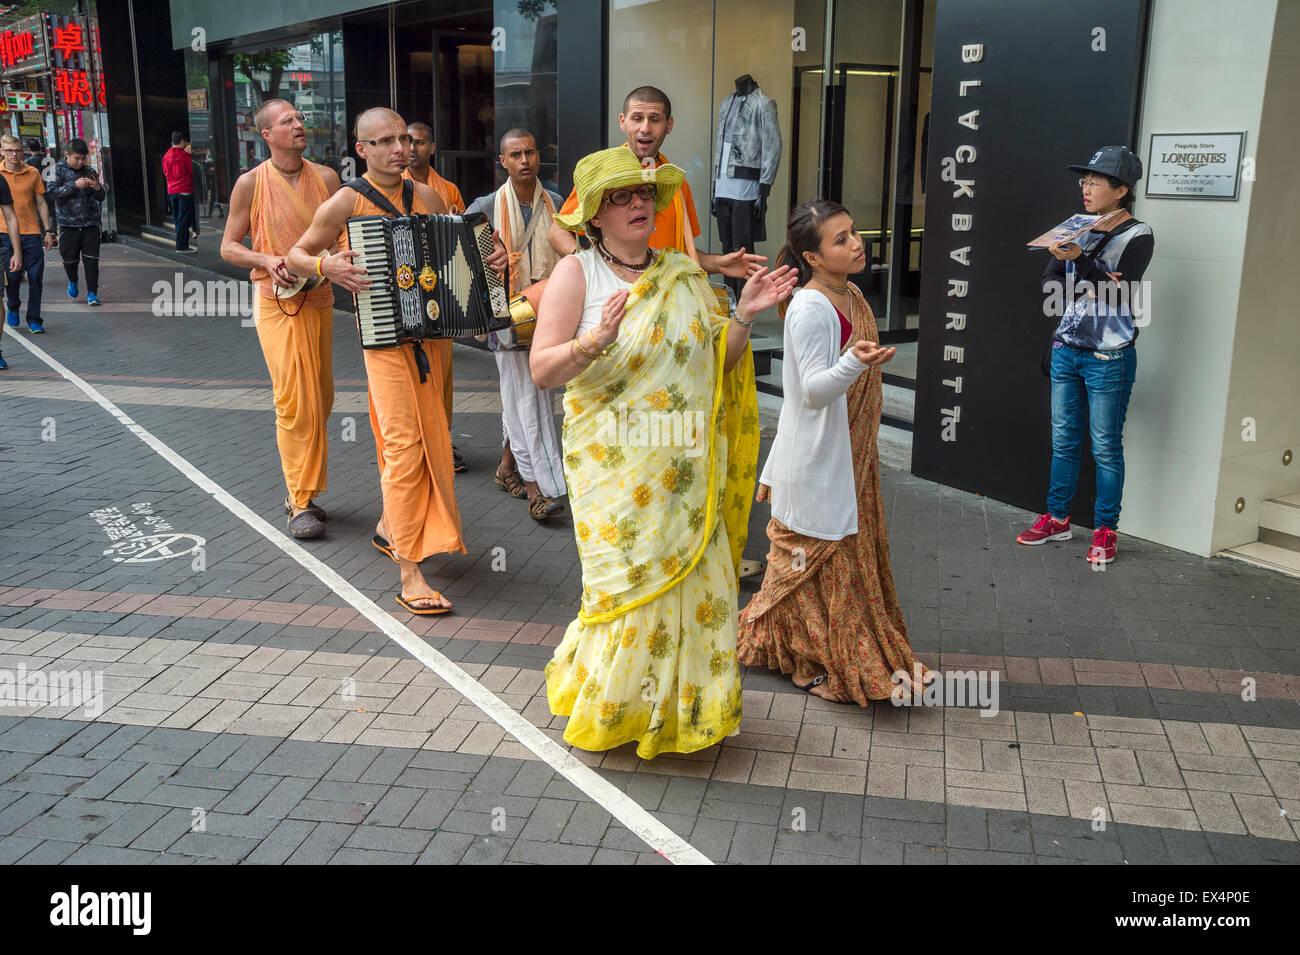 Les dévots de Krishna Hare de lire de la musique et chanter dans la rue, à Hong Kong, Chine Banque D'Images